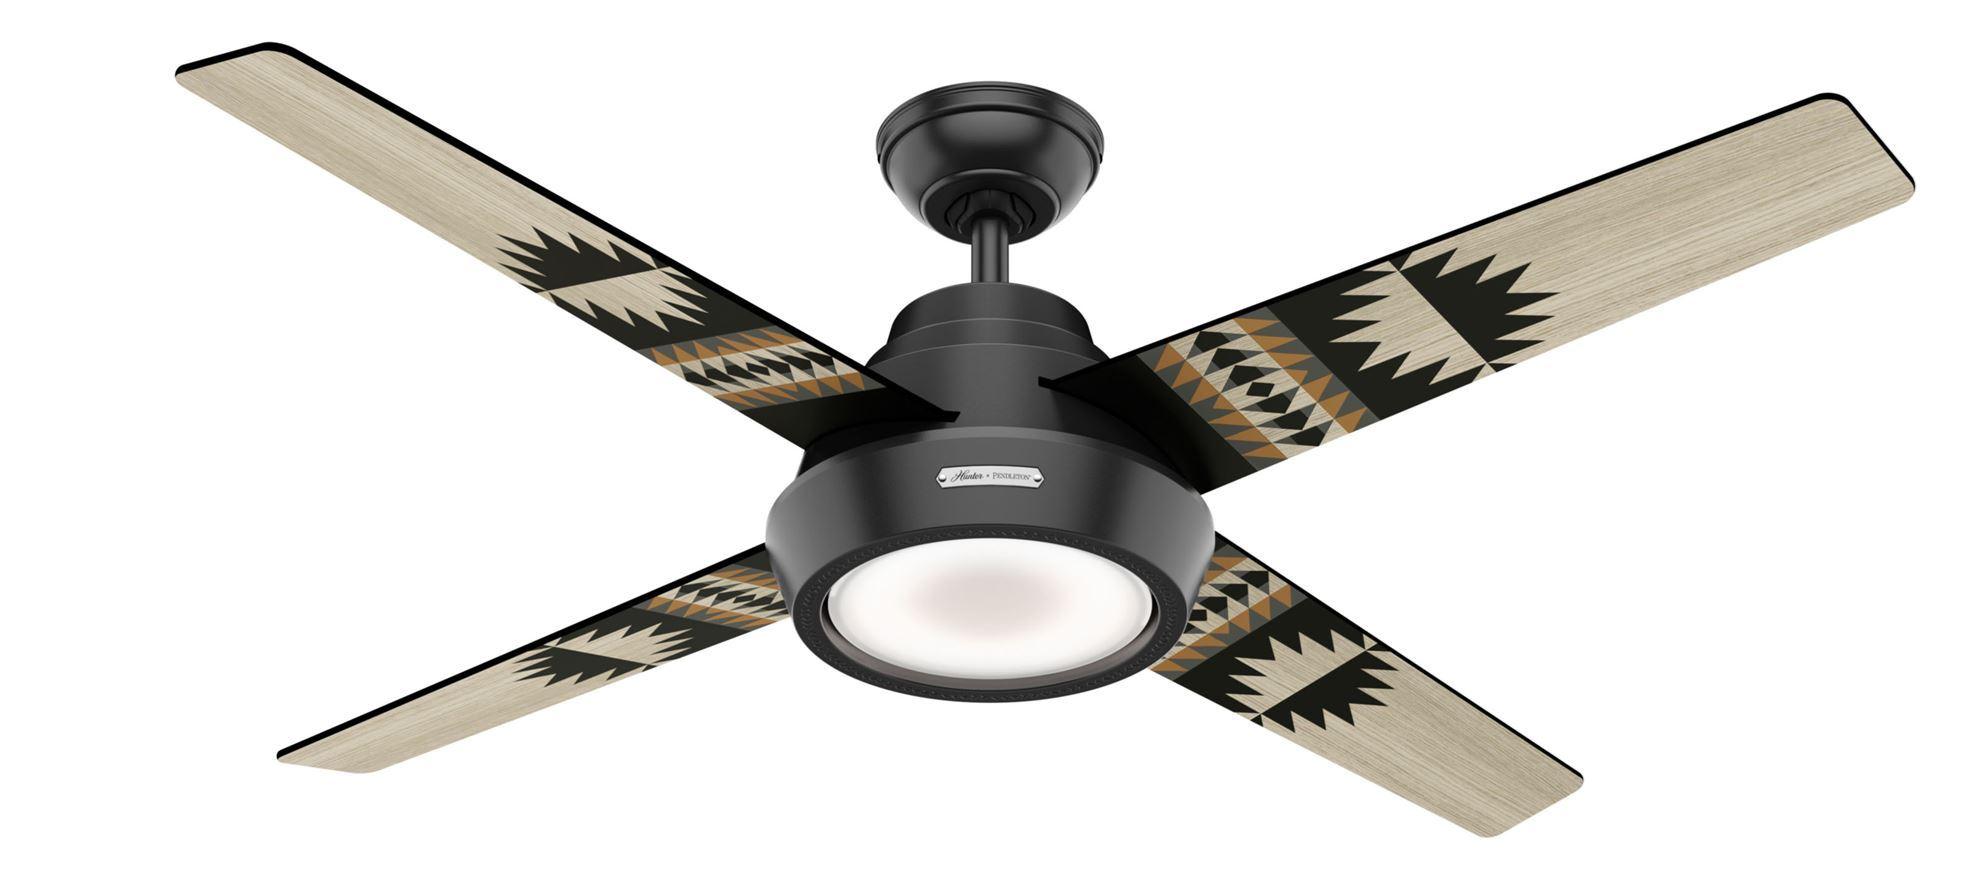 Hunter 54 Pendelton Spider Rock Eagle Rock Matte Black Ceiling Fan With Light Model 59389 Dan S Fan City C Ceiling Fans Fan Parts Accessories